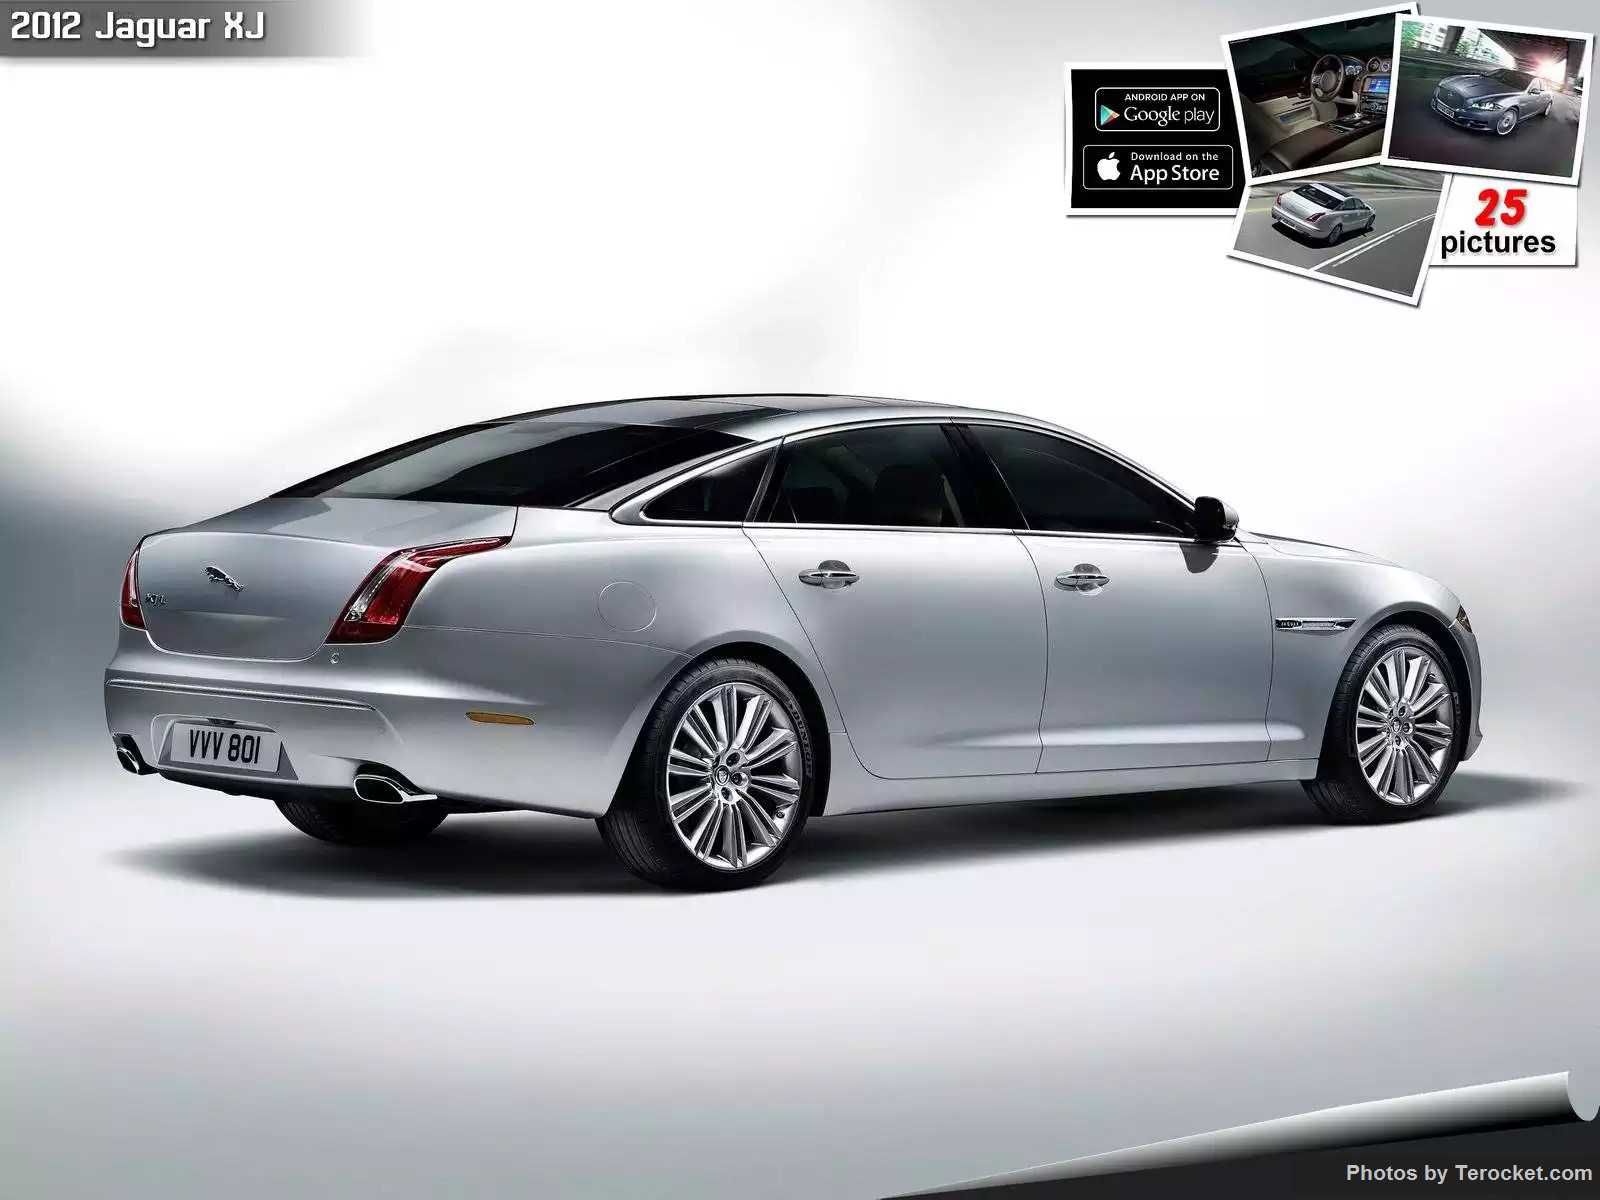 Hình ảnh xe ô tô Jaguar XJ 2012 & nội ngoại thất